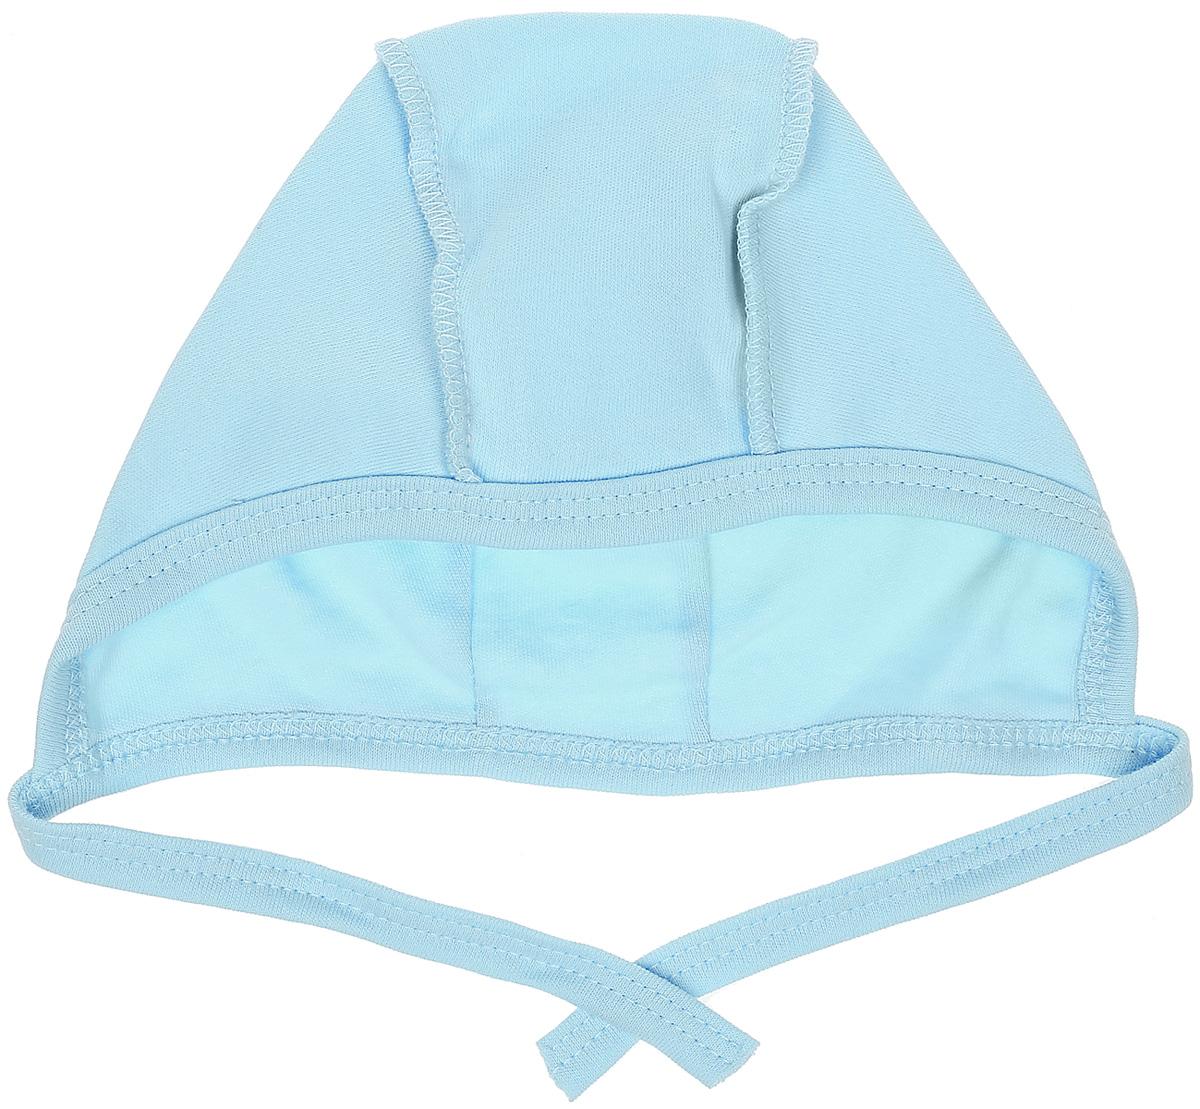 Чепчик для мальчика КотМарКот Бельчонок, цвет: голубой. 8204. Размер 48